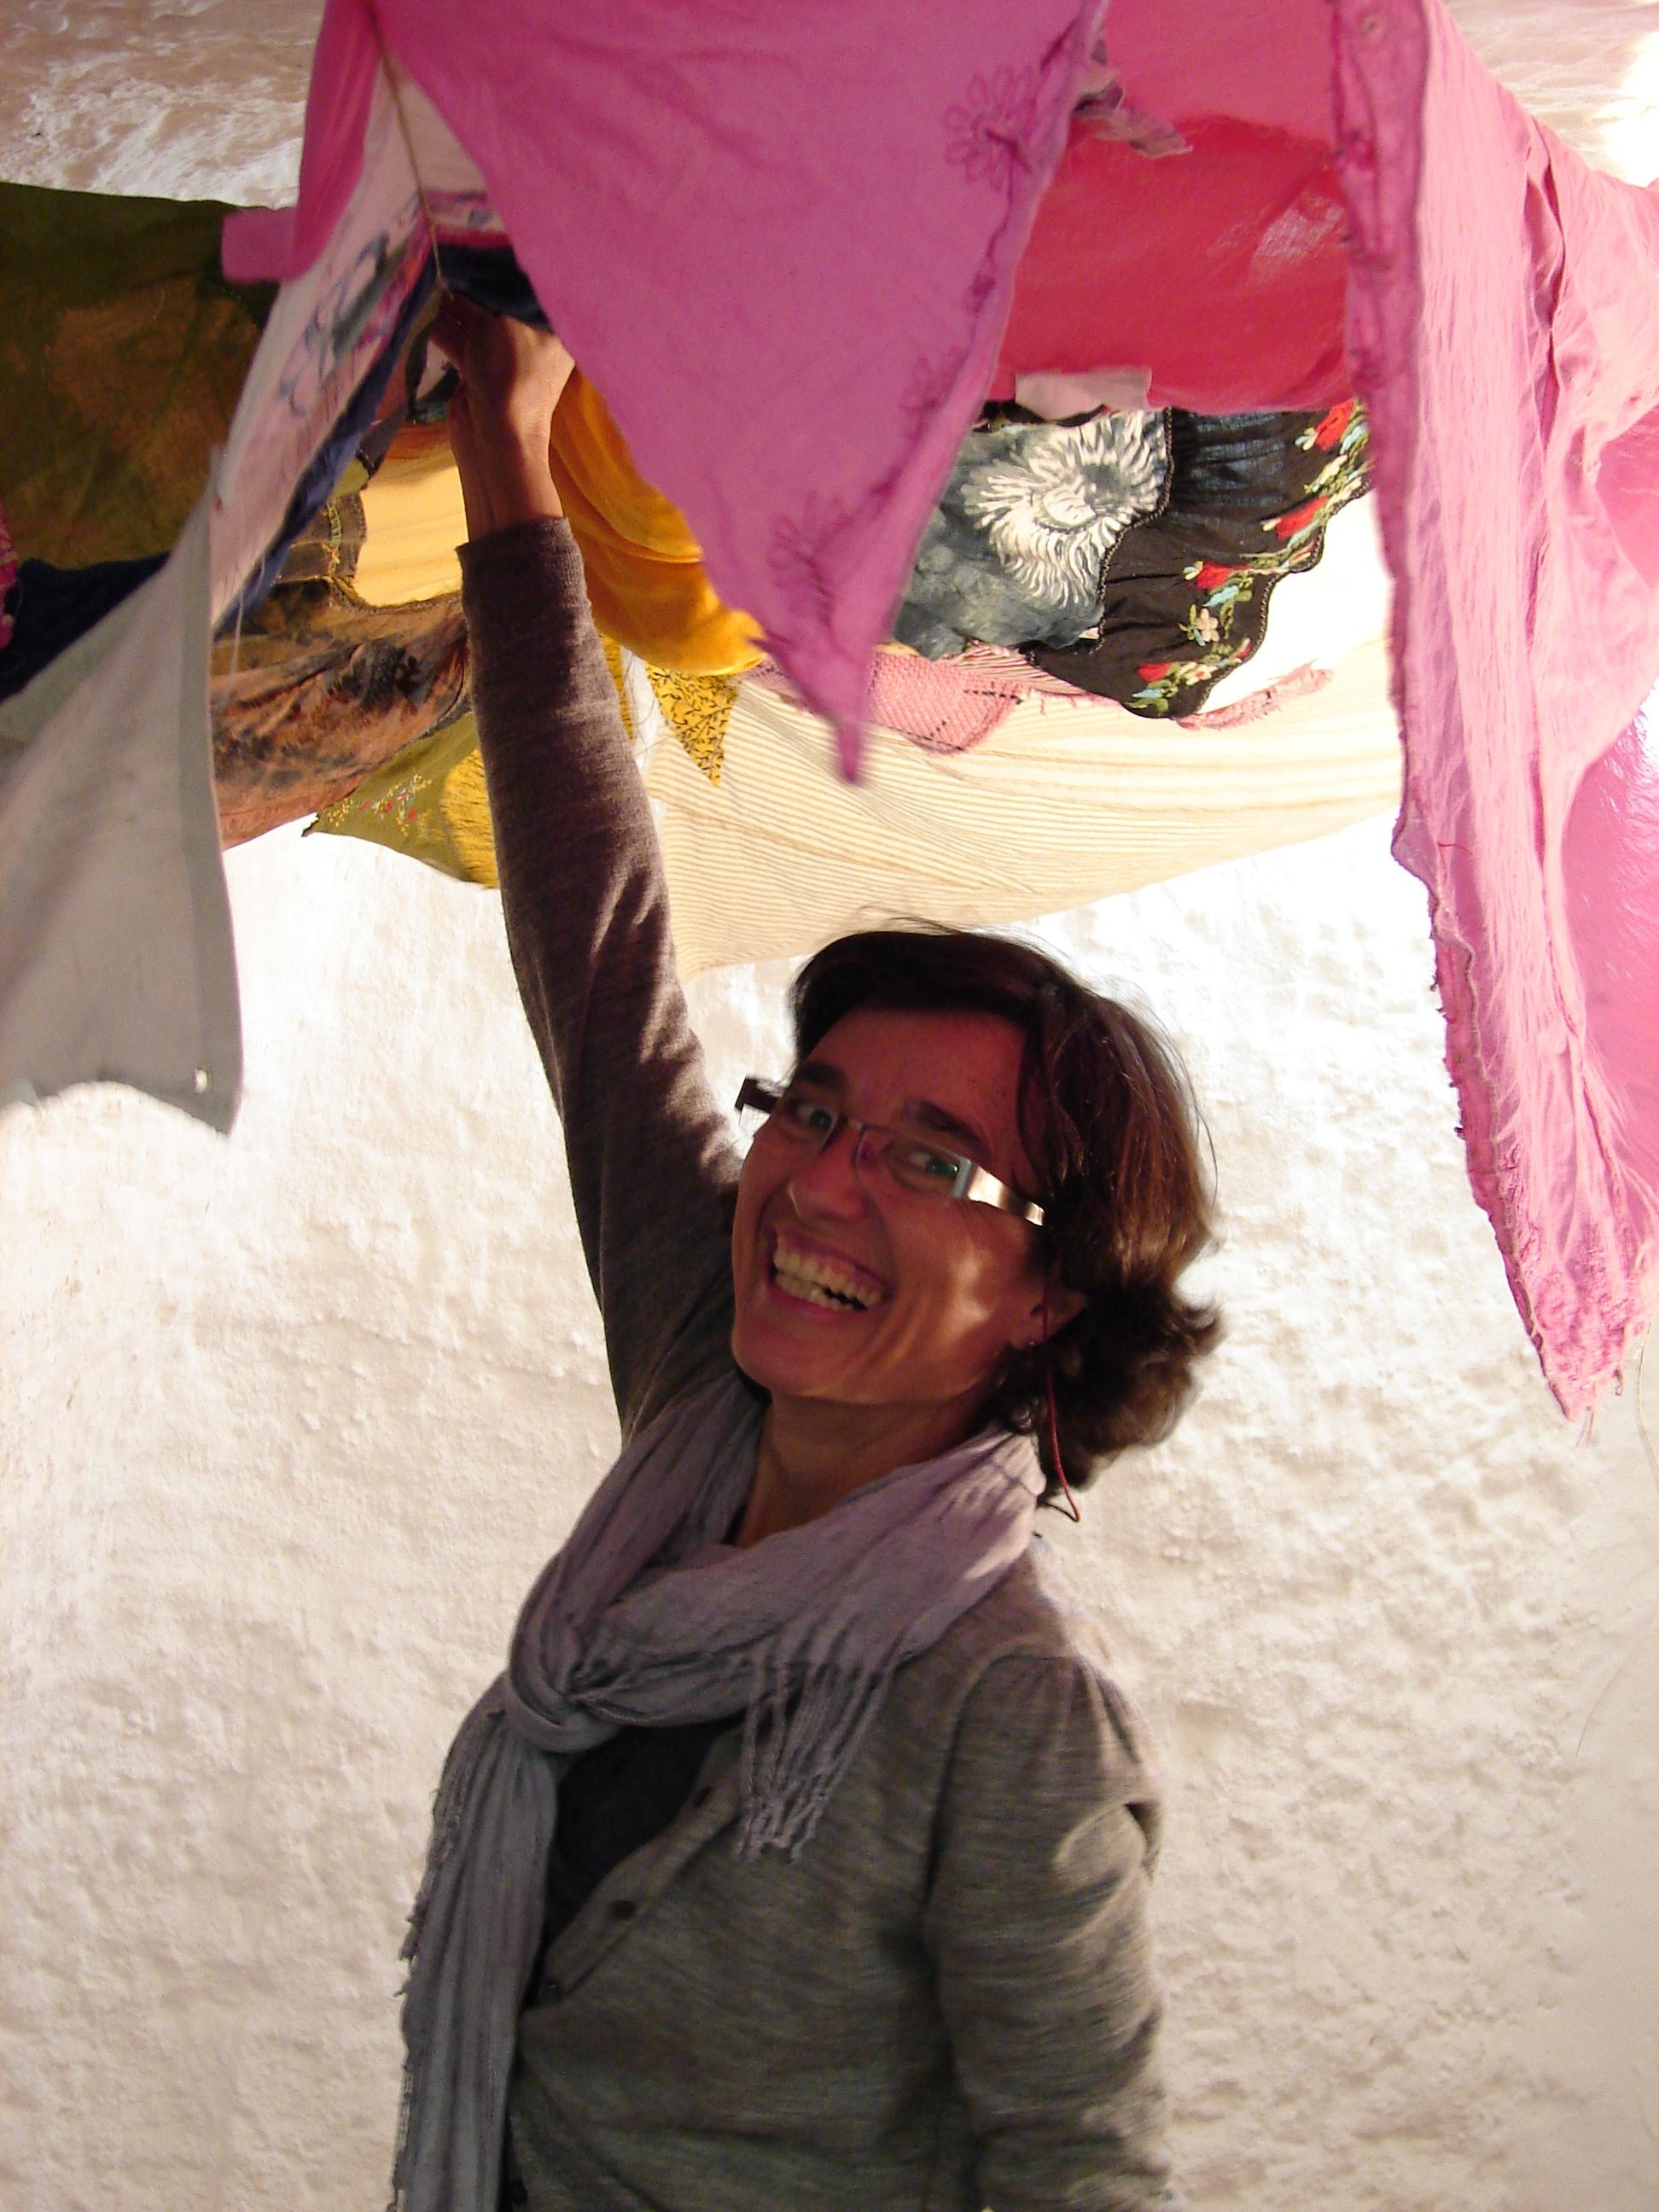 55e32616807c3 Las cuevas de Rojales acogen el día 2 la apertura de una cueva ...